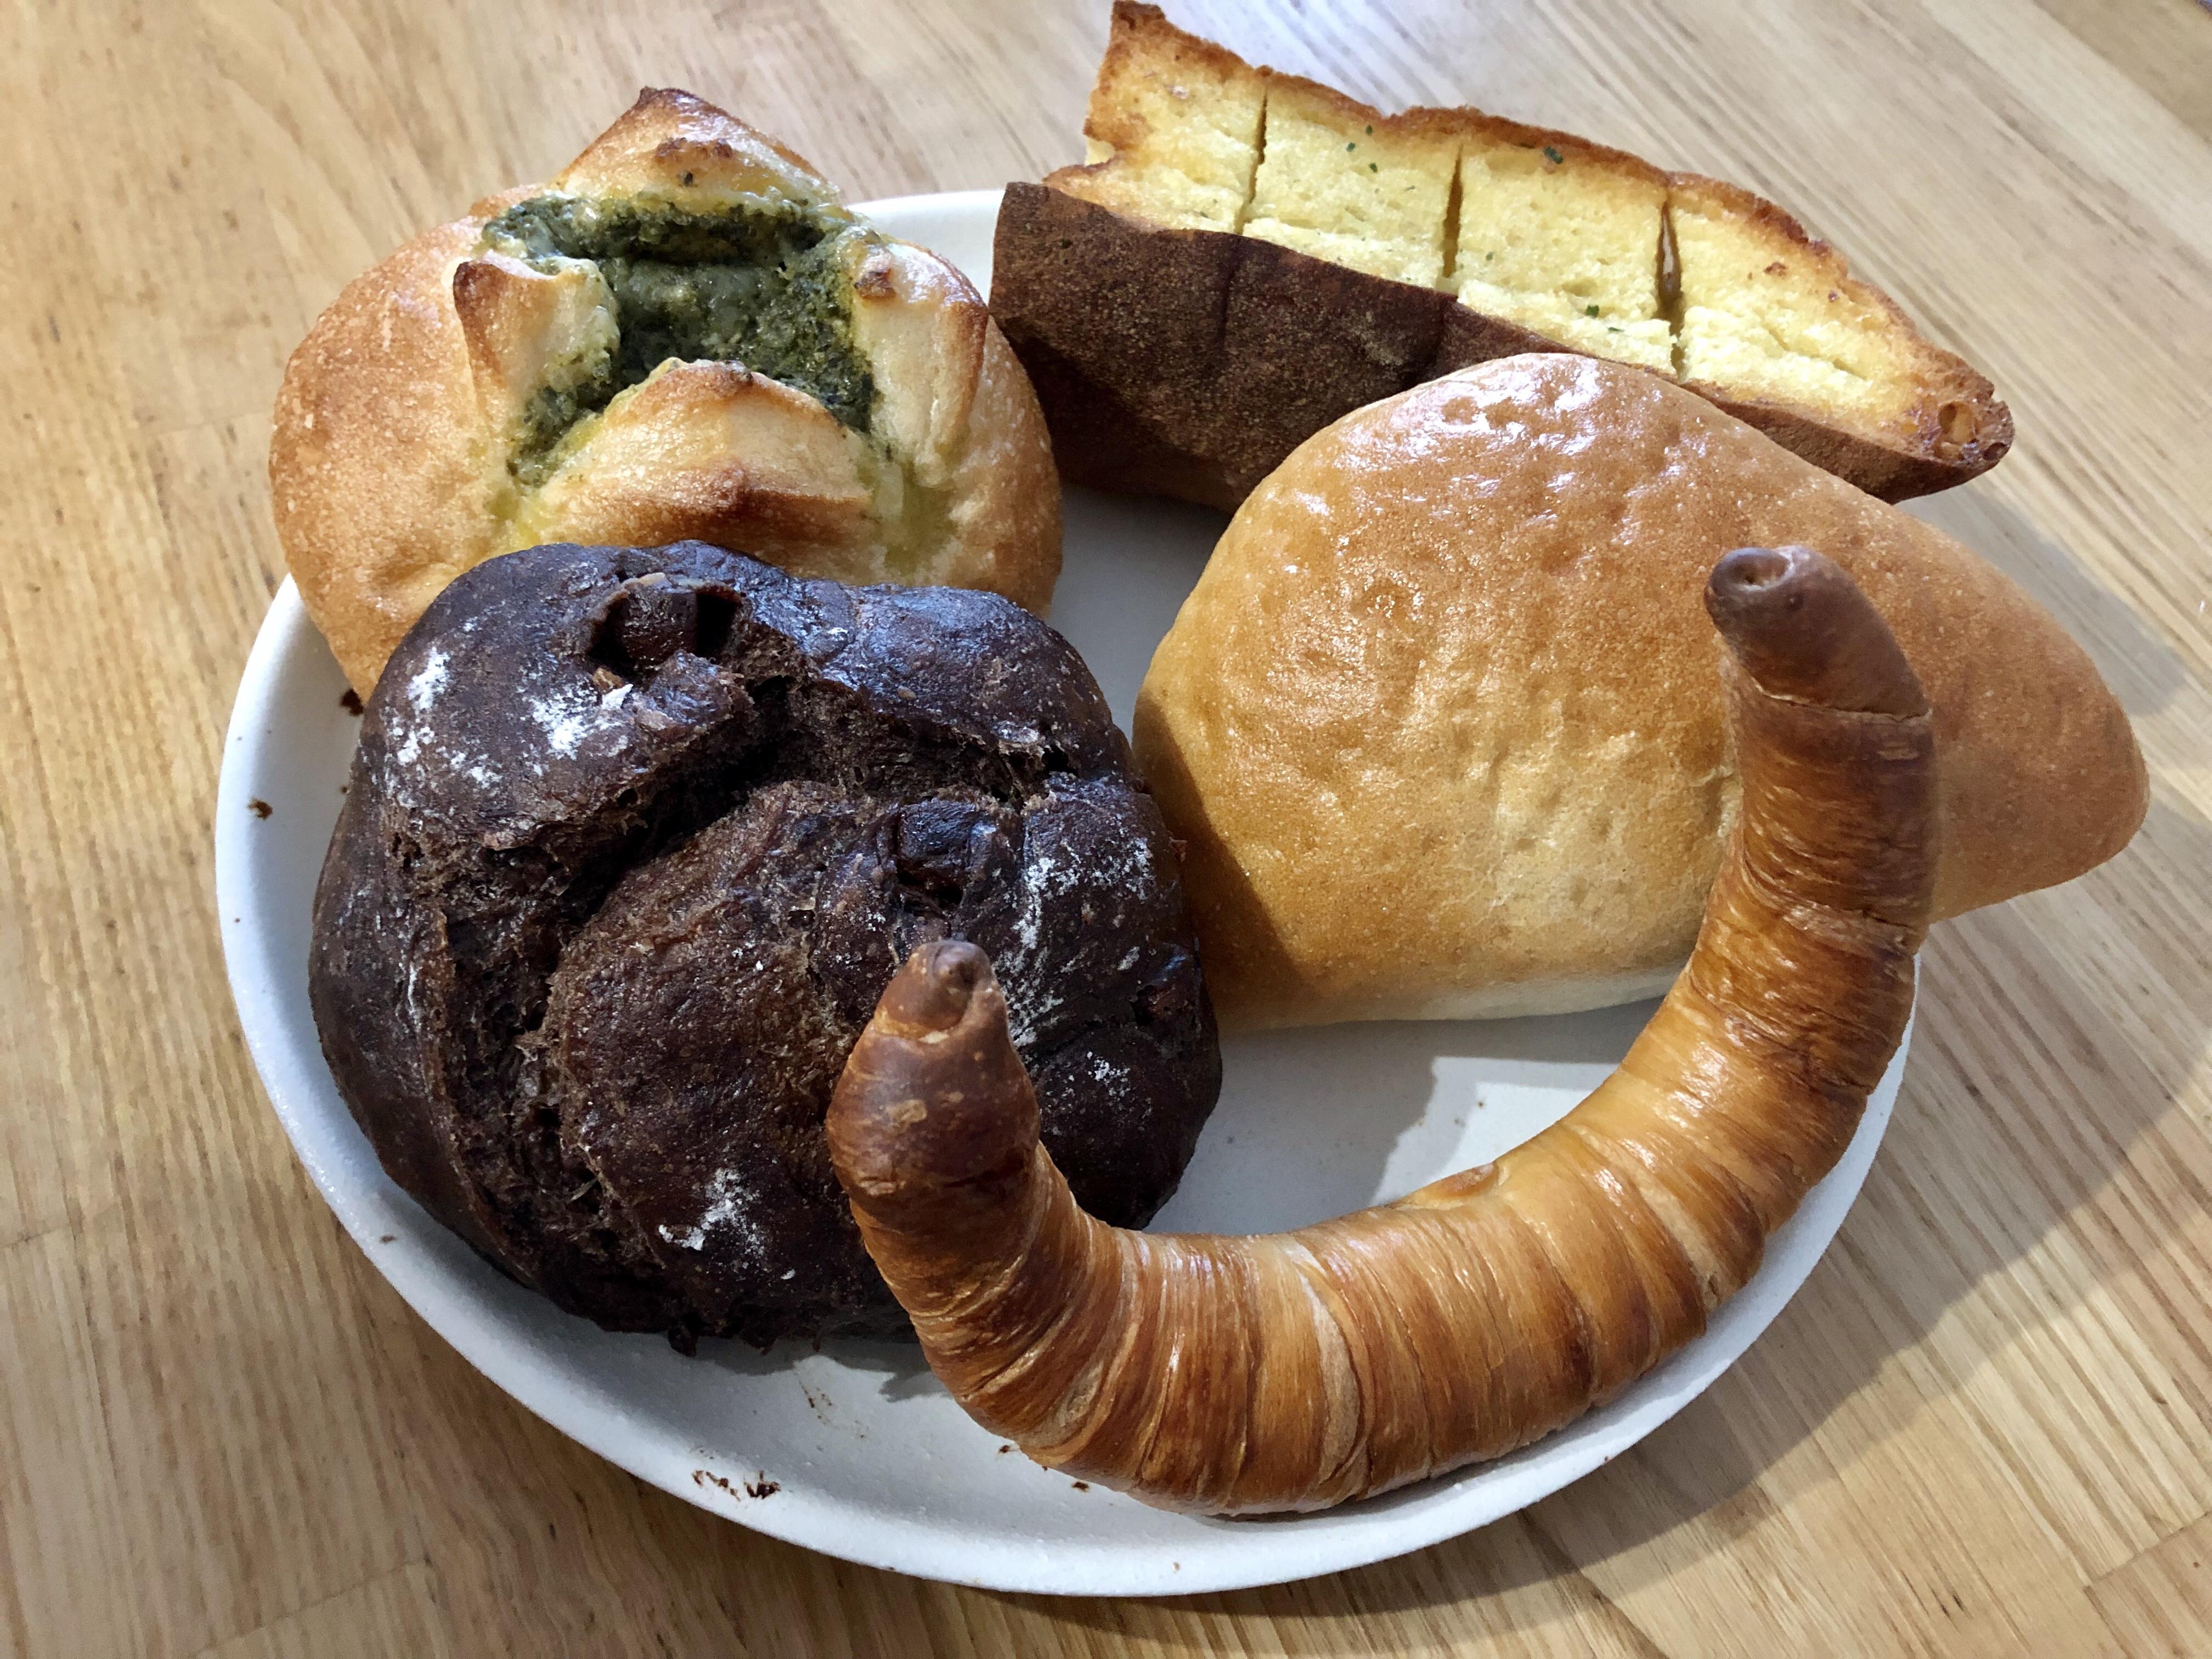 小松市の木場潟近くのパン屋のサヴァのパン